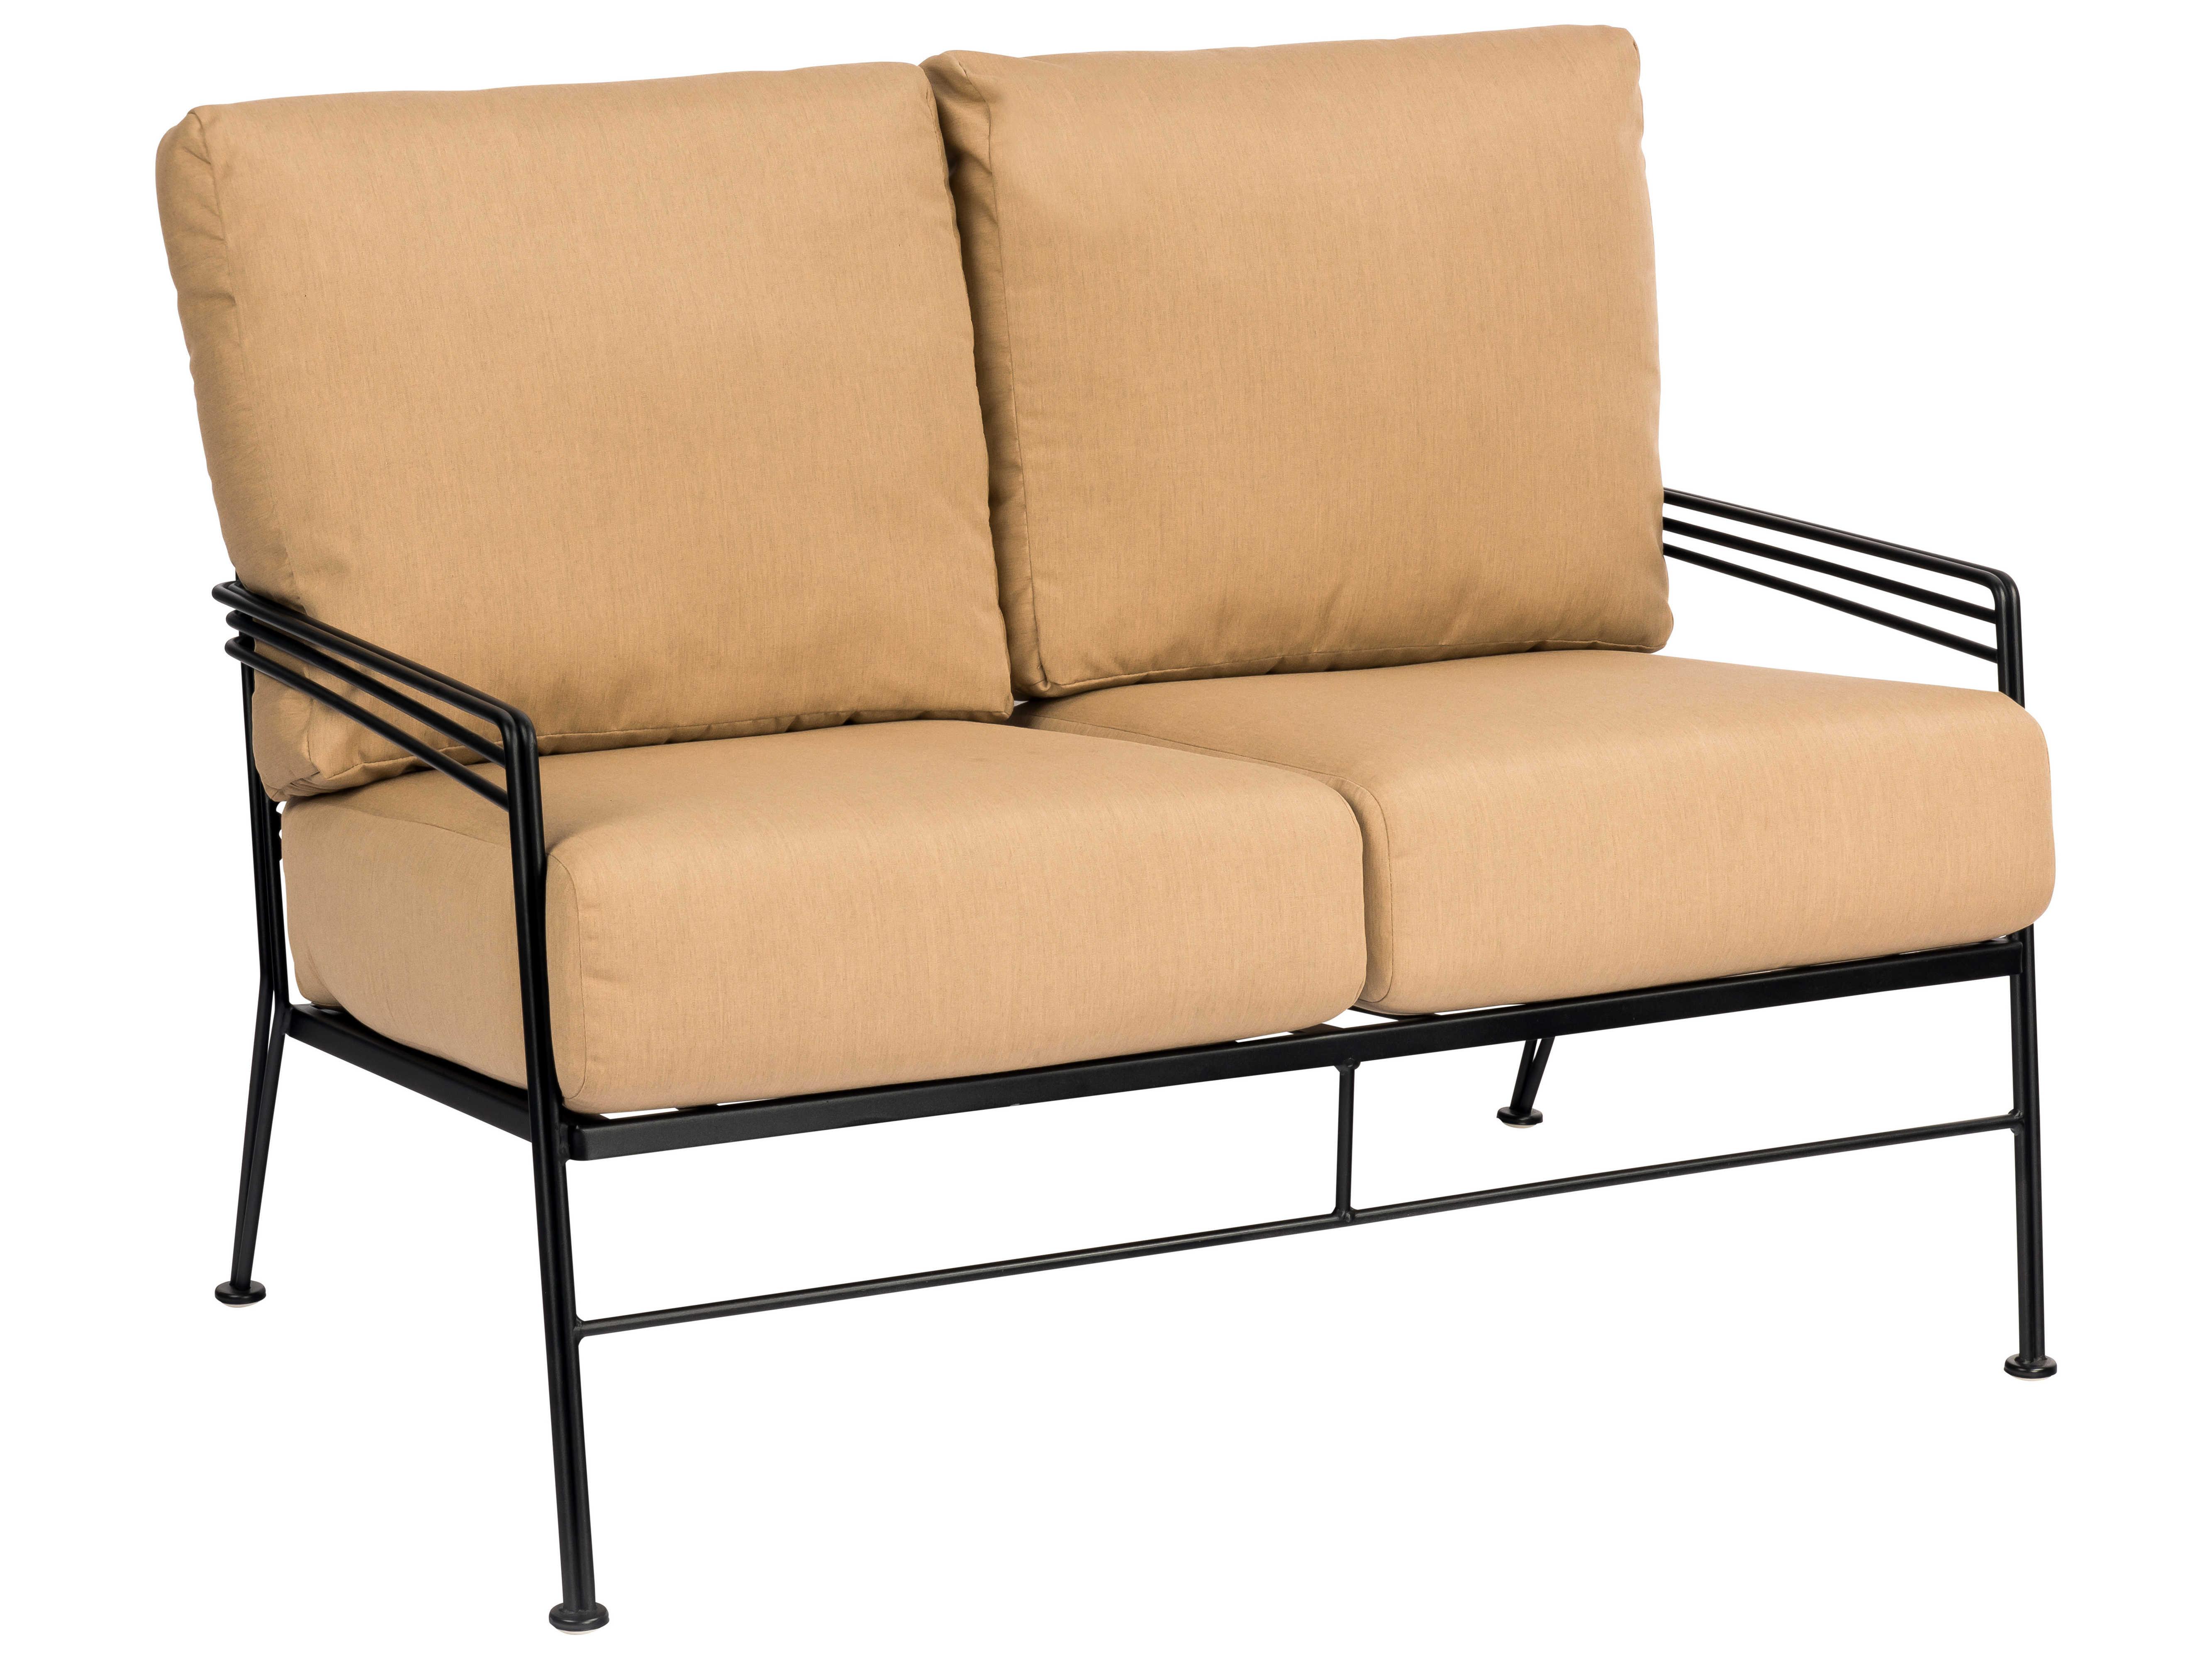 Woodard Madison Wrought Iron Cushion Loveseat 2d0019